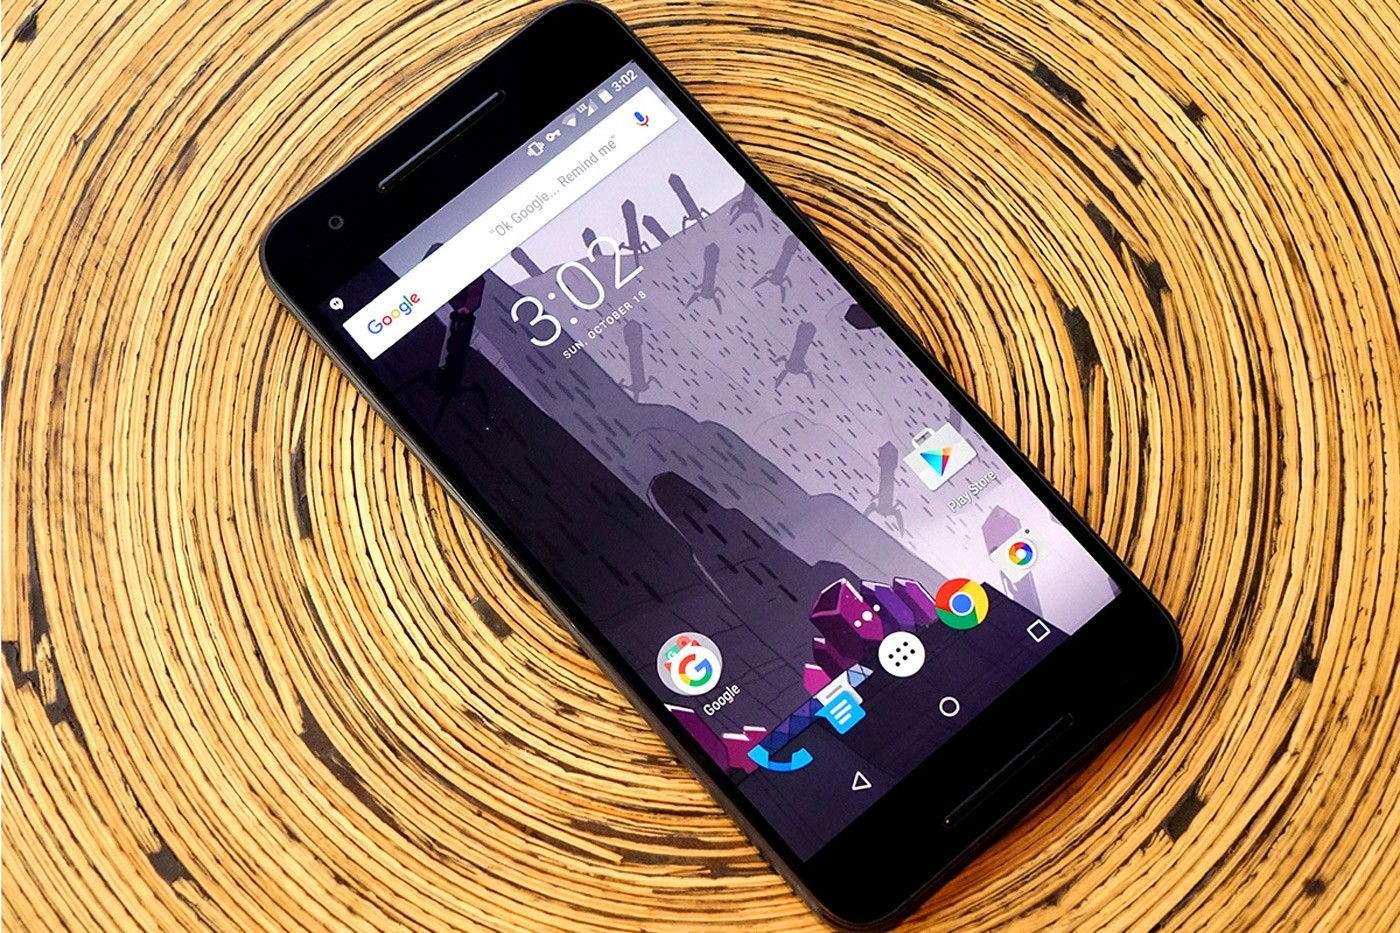 Android Uygulama İzinleri Nelerdir2